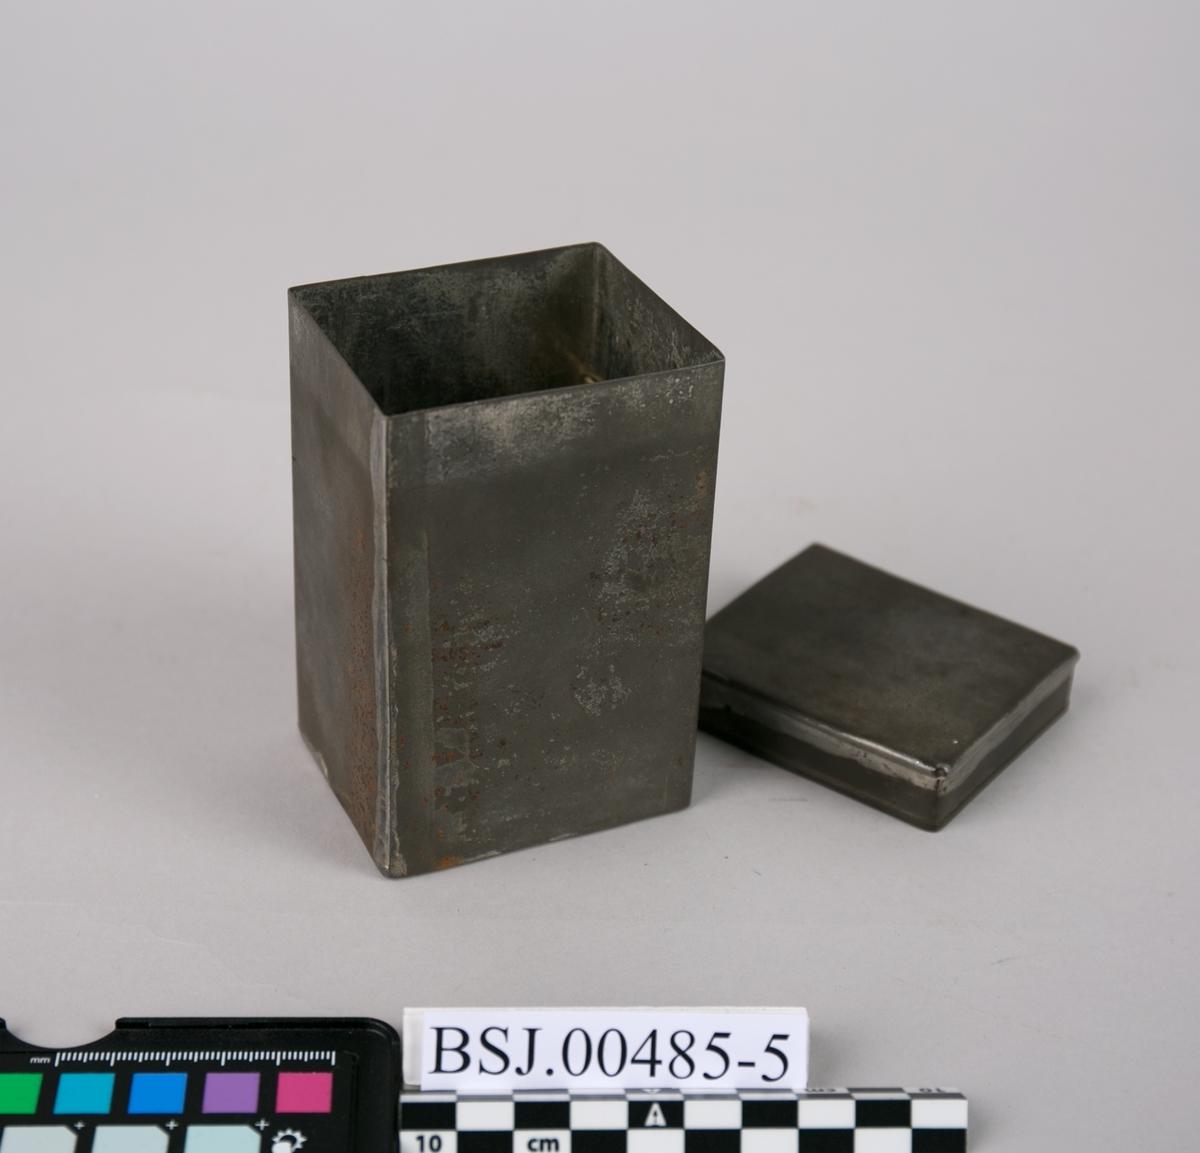 Boks. Metallboks for oppbevaring av reflektorspeil til teleskop. Det er plass til to speil. Oppbevart i trekasse.